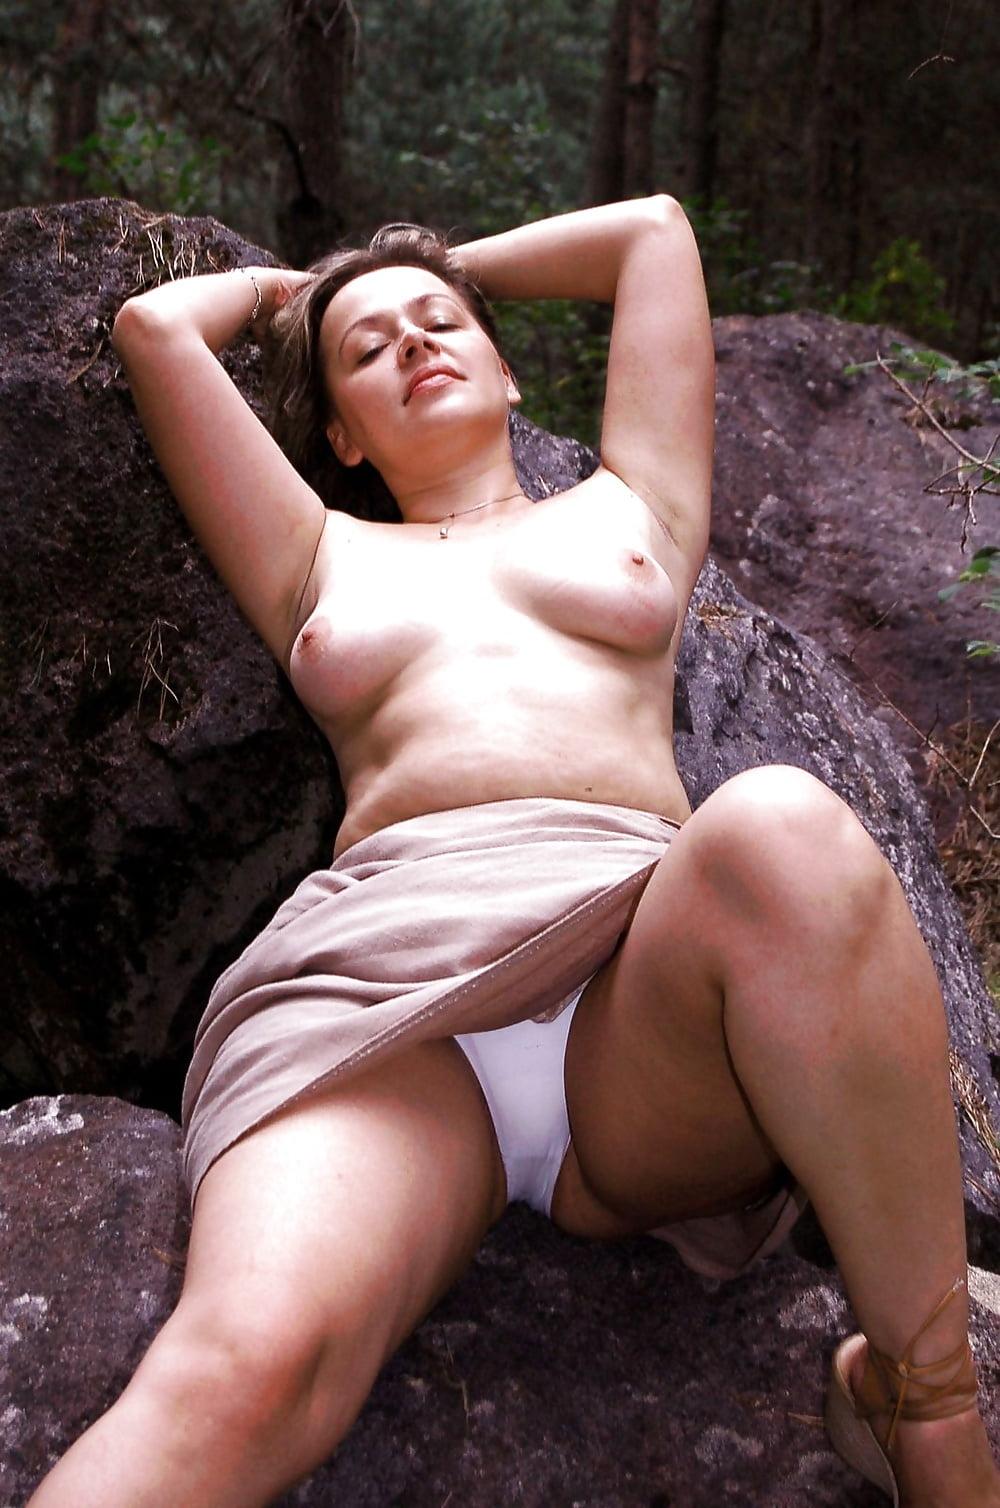 Члена девушкой откровенные порно фото в лесу зрелых баб фото юбках